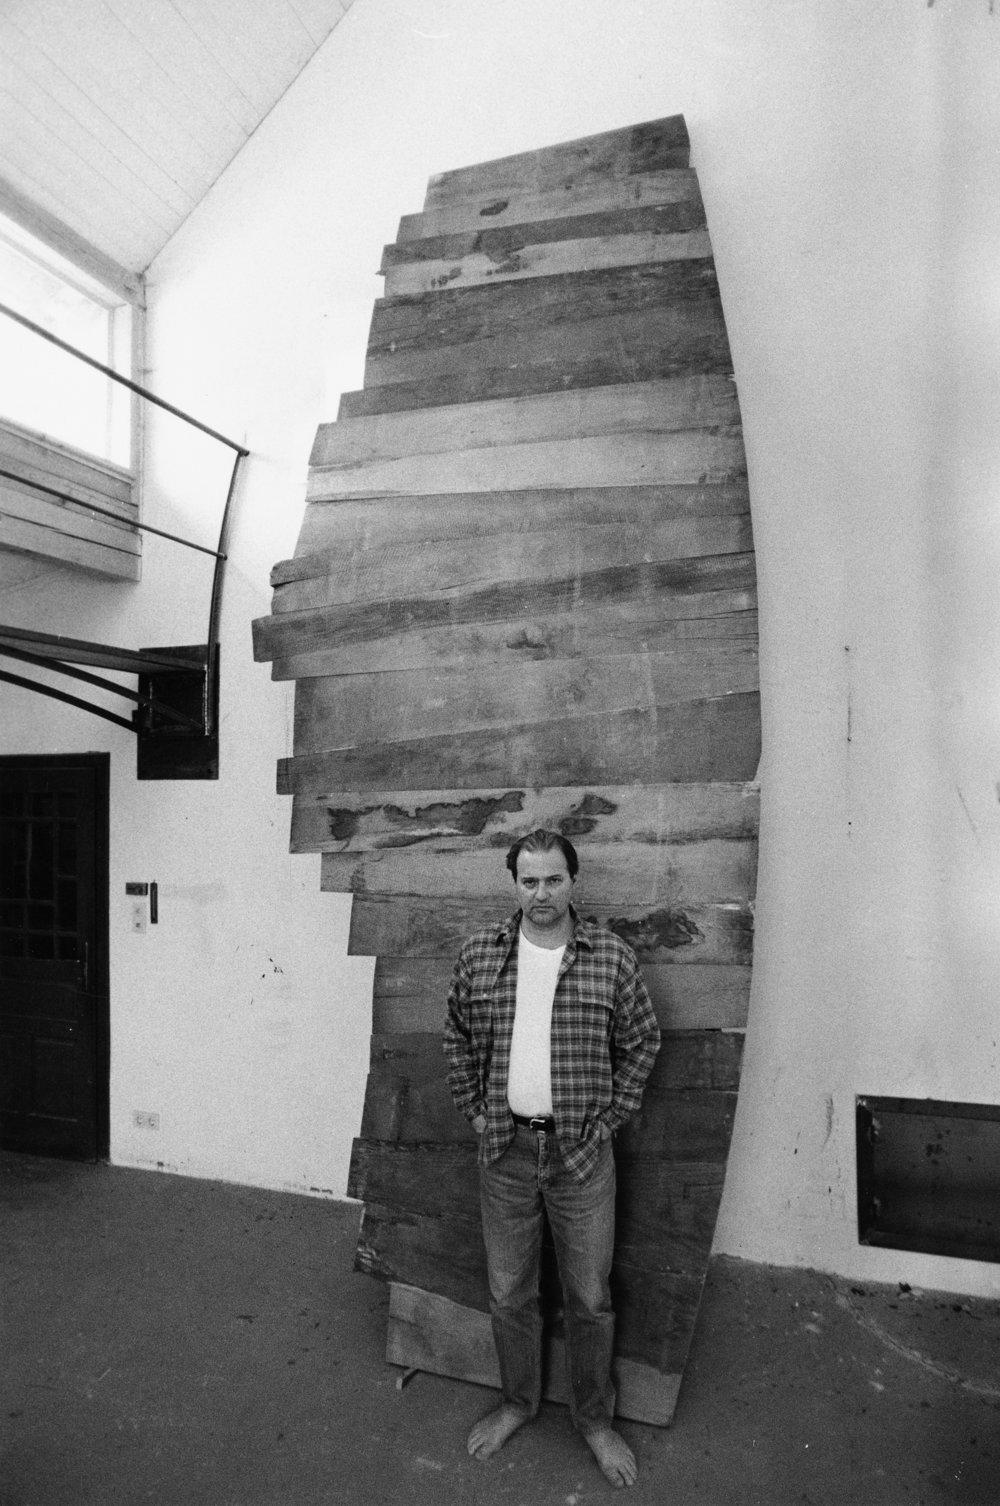 Kocherscheidt in his atelier in Burgenland with his sculpture  Aufwärts Gleitend , 1992. Photo: Elfie Semotan